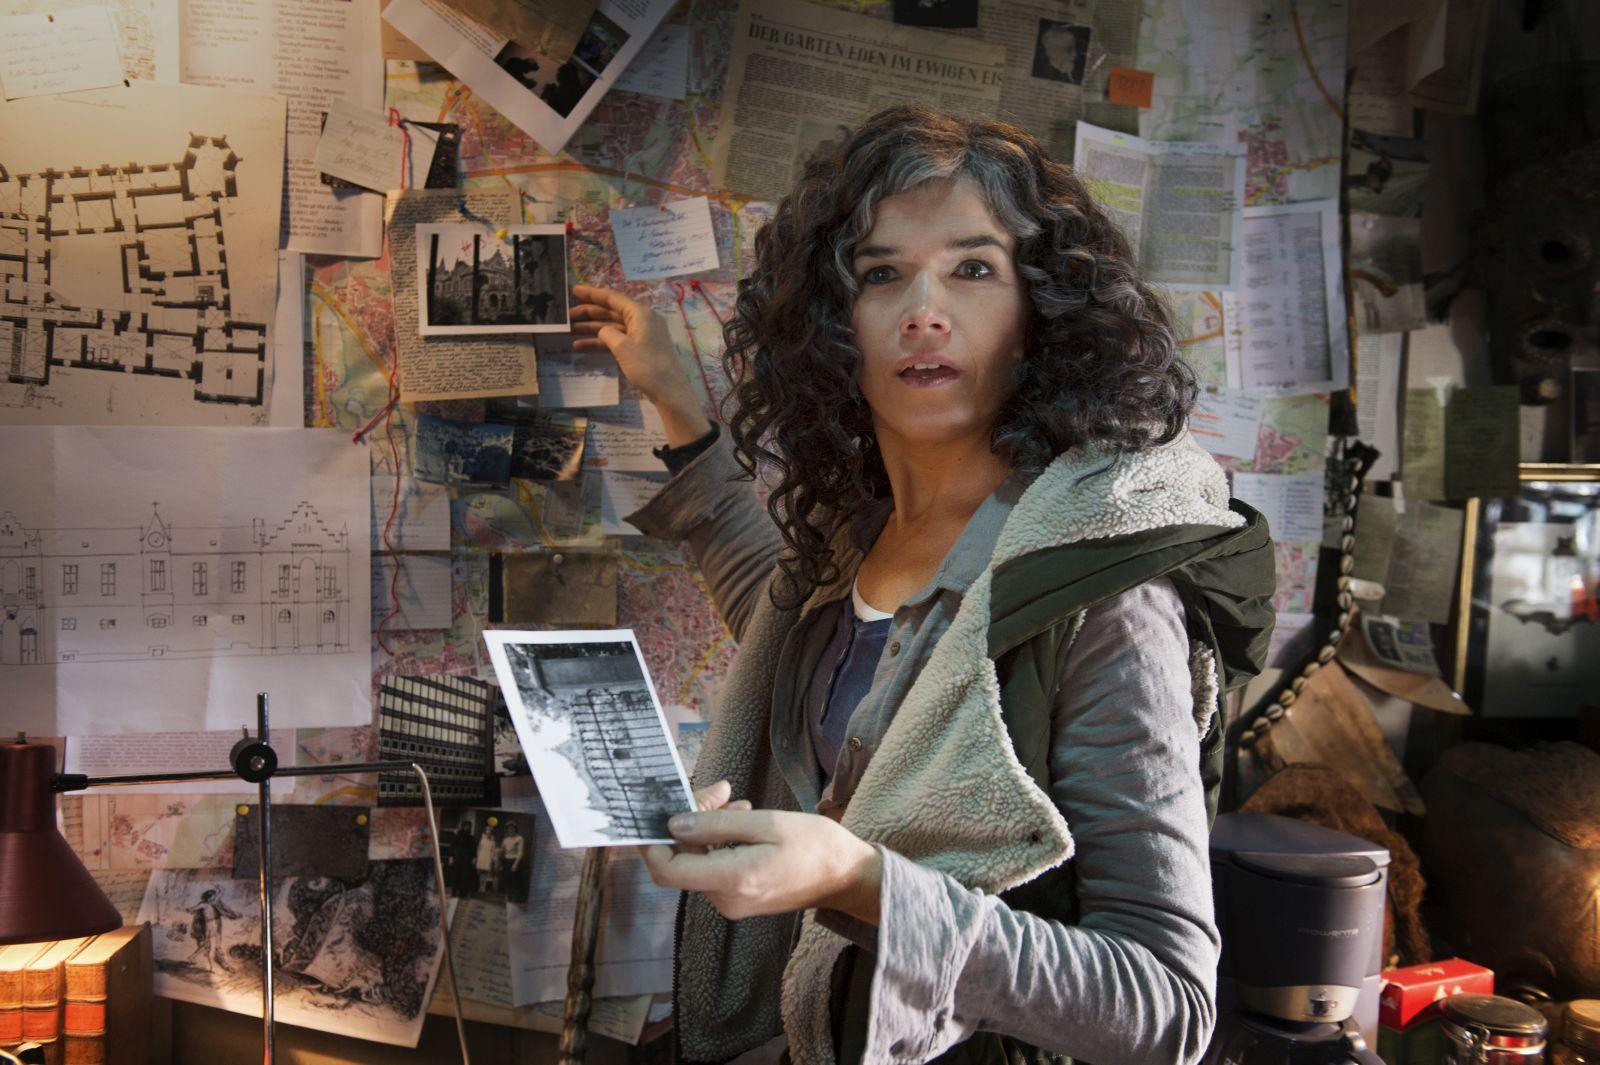 Ghosthunters - Gli acchiappafantasmi: un'immagine del film che ritrae Anke Engelke